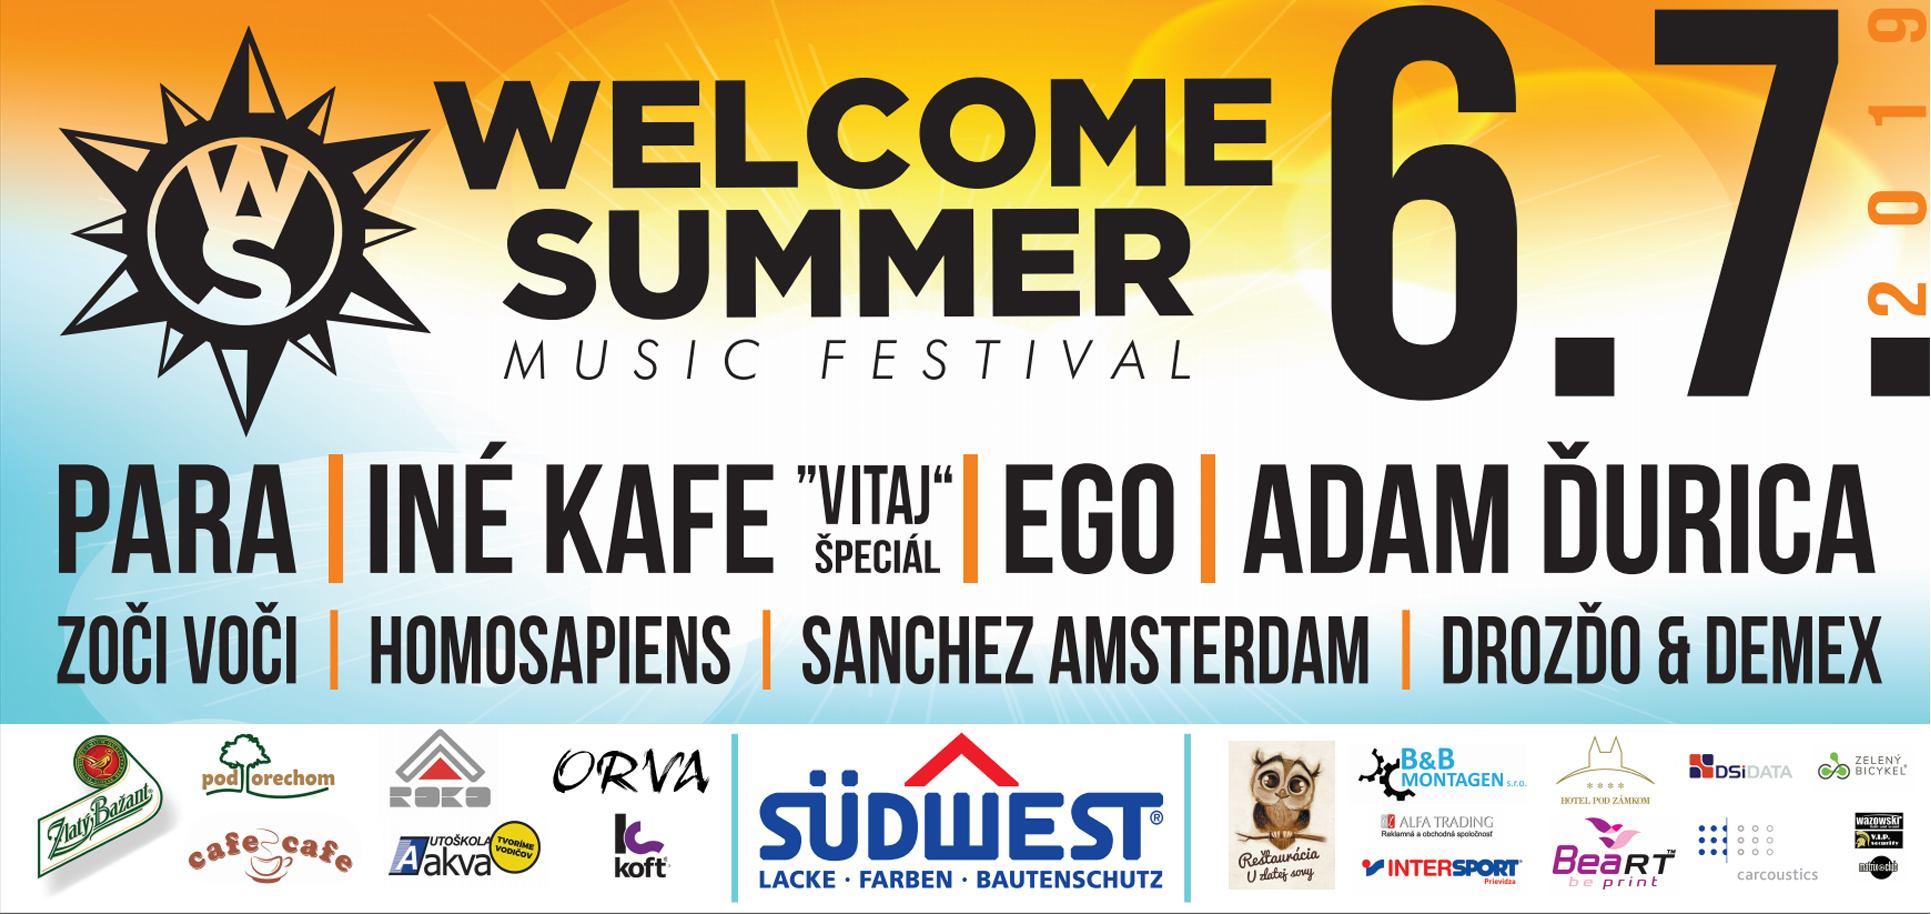 WELCOME SUMMER fest 2019  - Bojnice - kompletný program